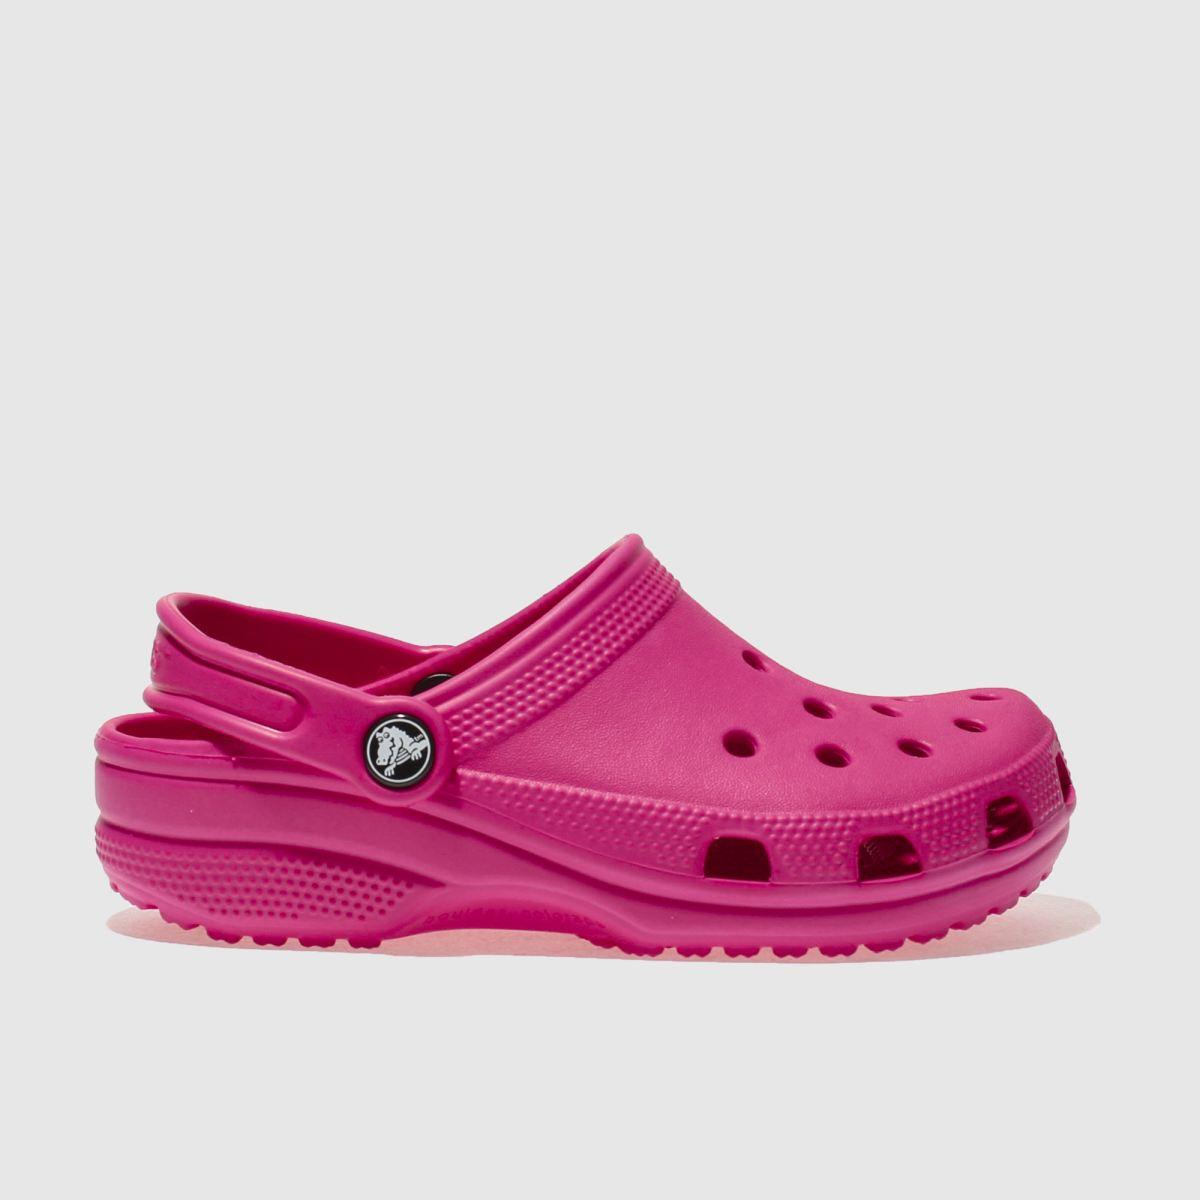 Crocs Crocs Pink Classic Clog Girls Junior Sandals